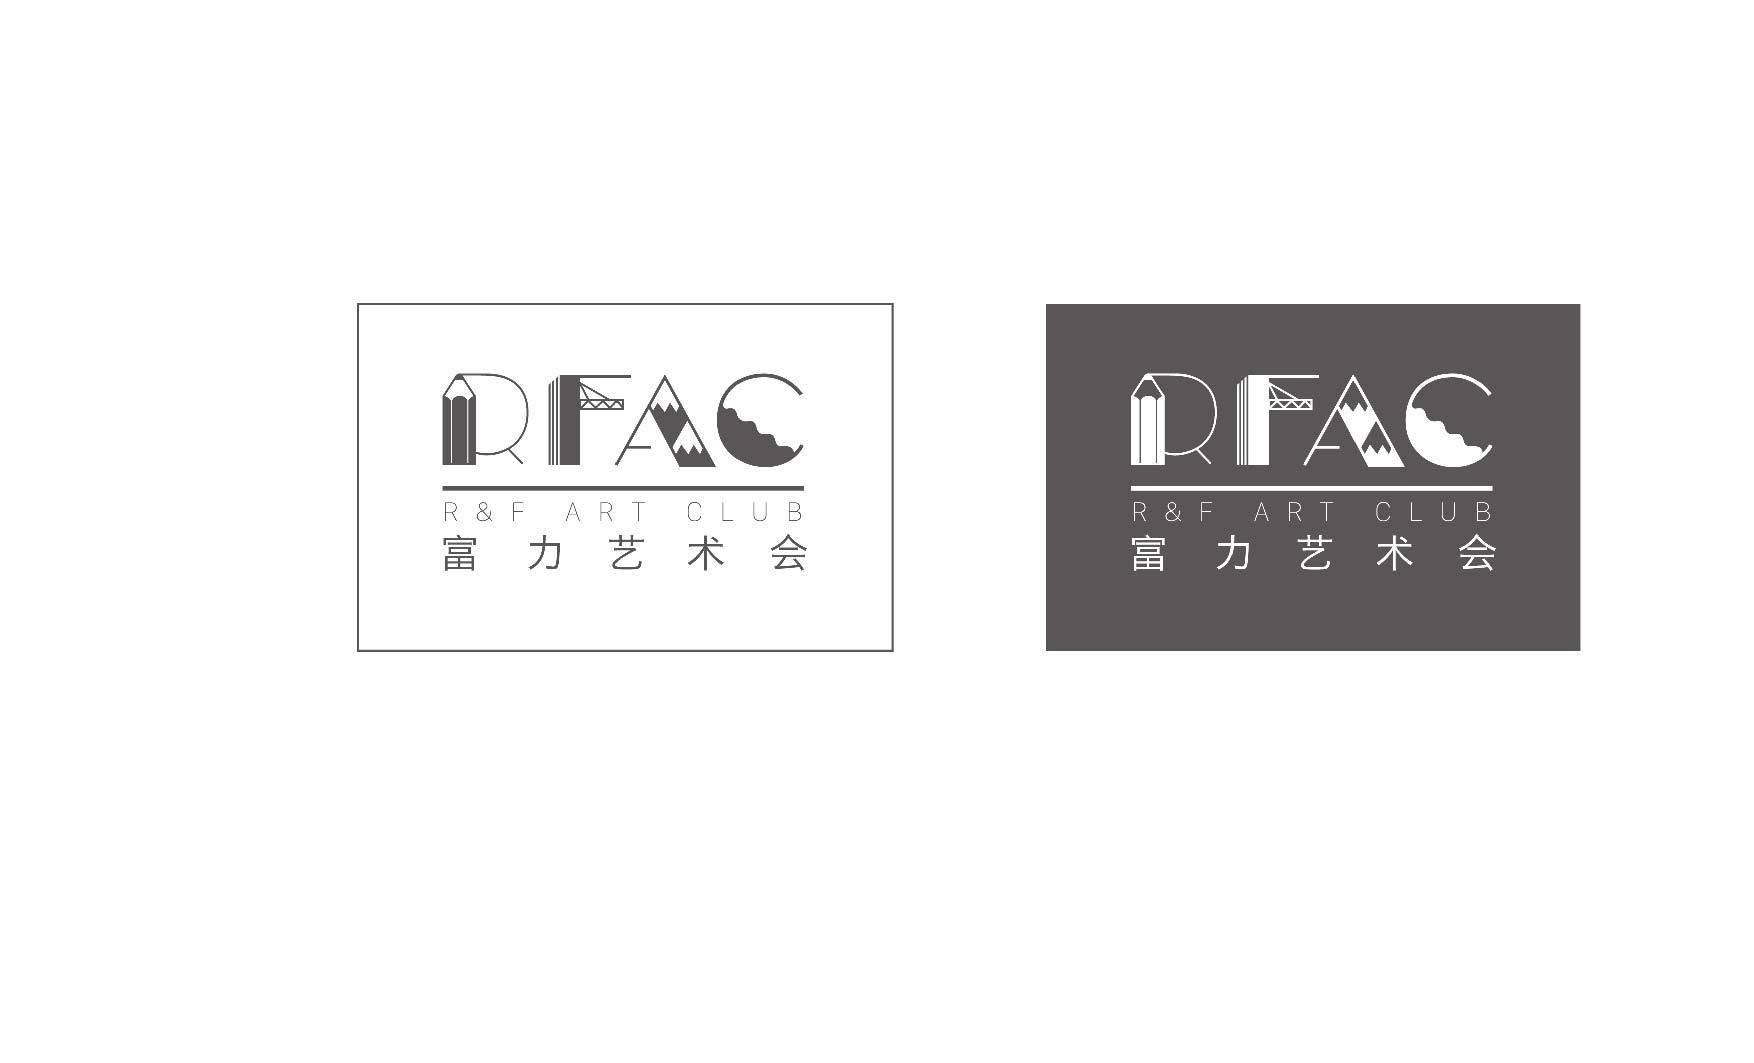 富力地产艺术会-标志设计图片